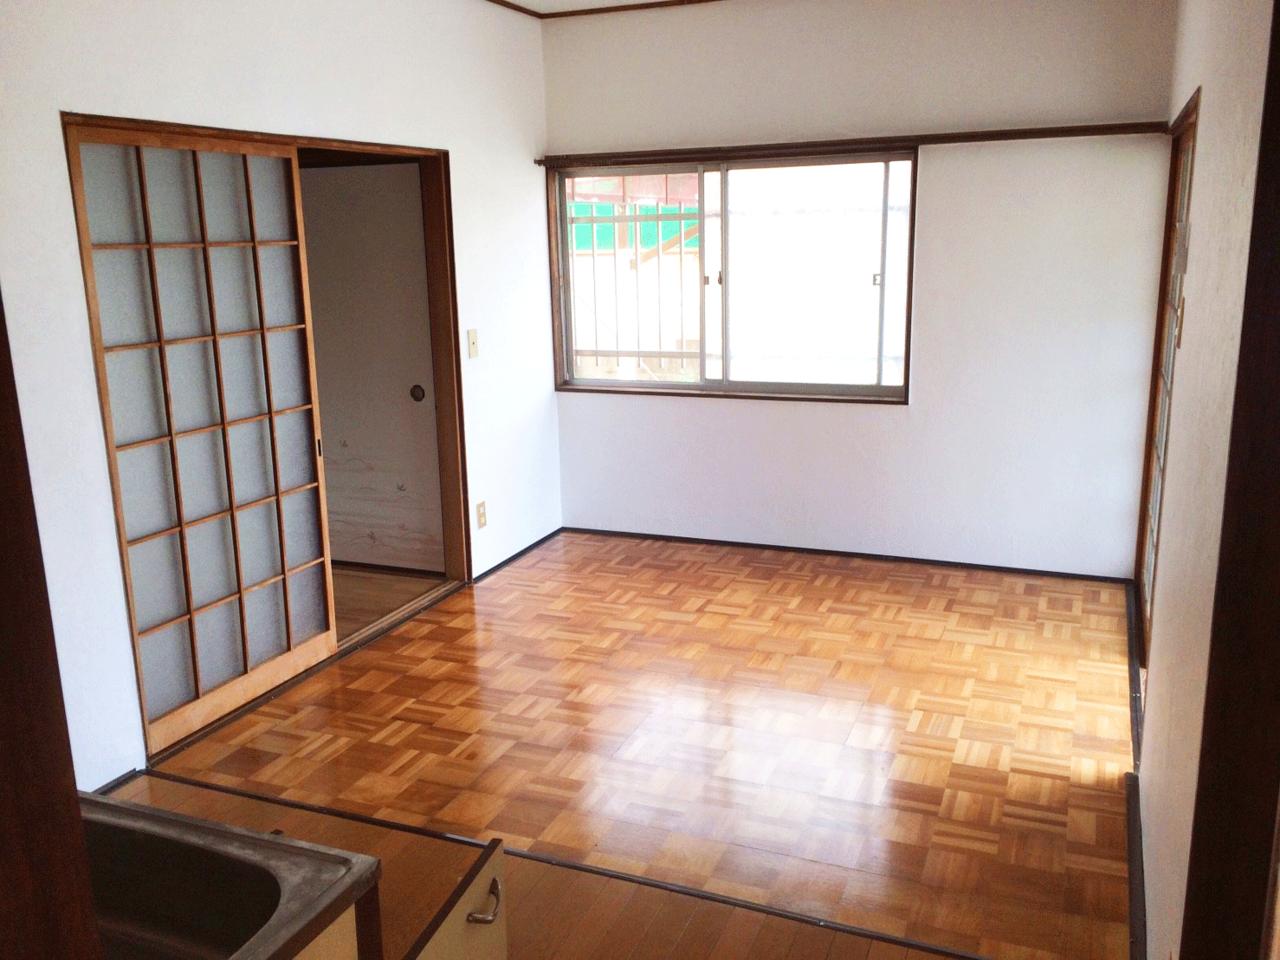 約7.5帖のダイニングキッチンです♪◆小倉南区北方駐車スペース4台分の戸建て住宅♪